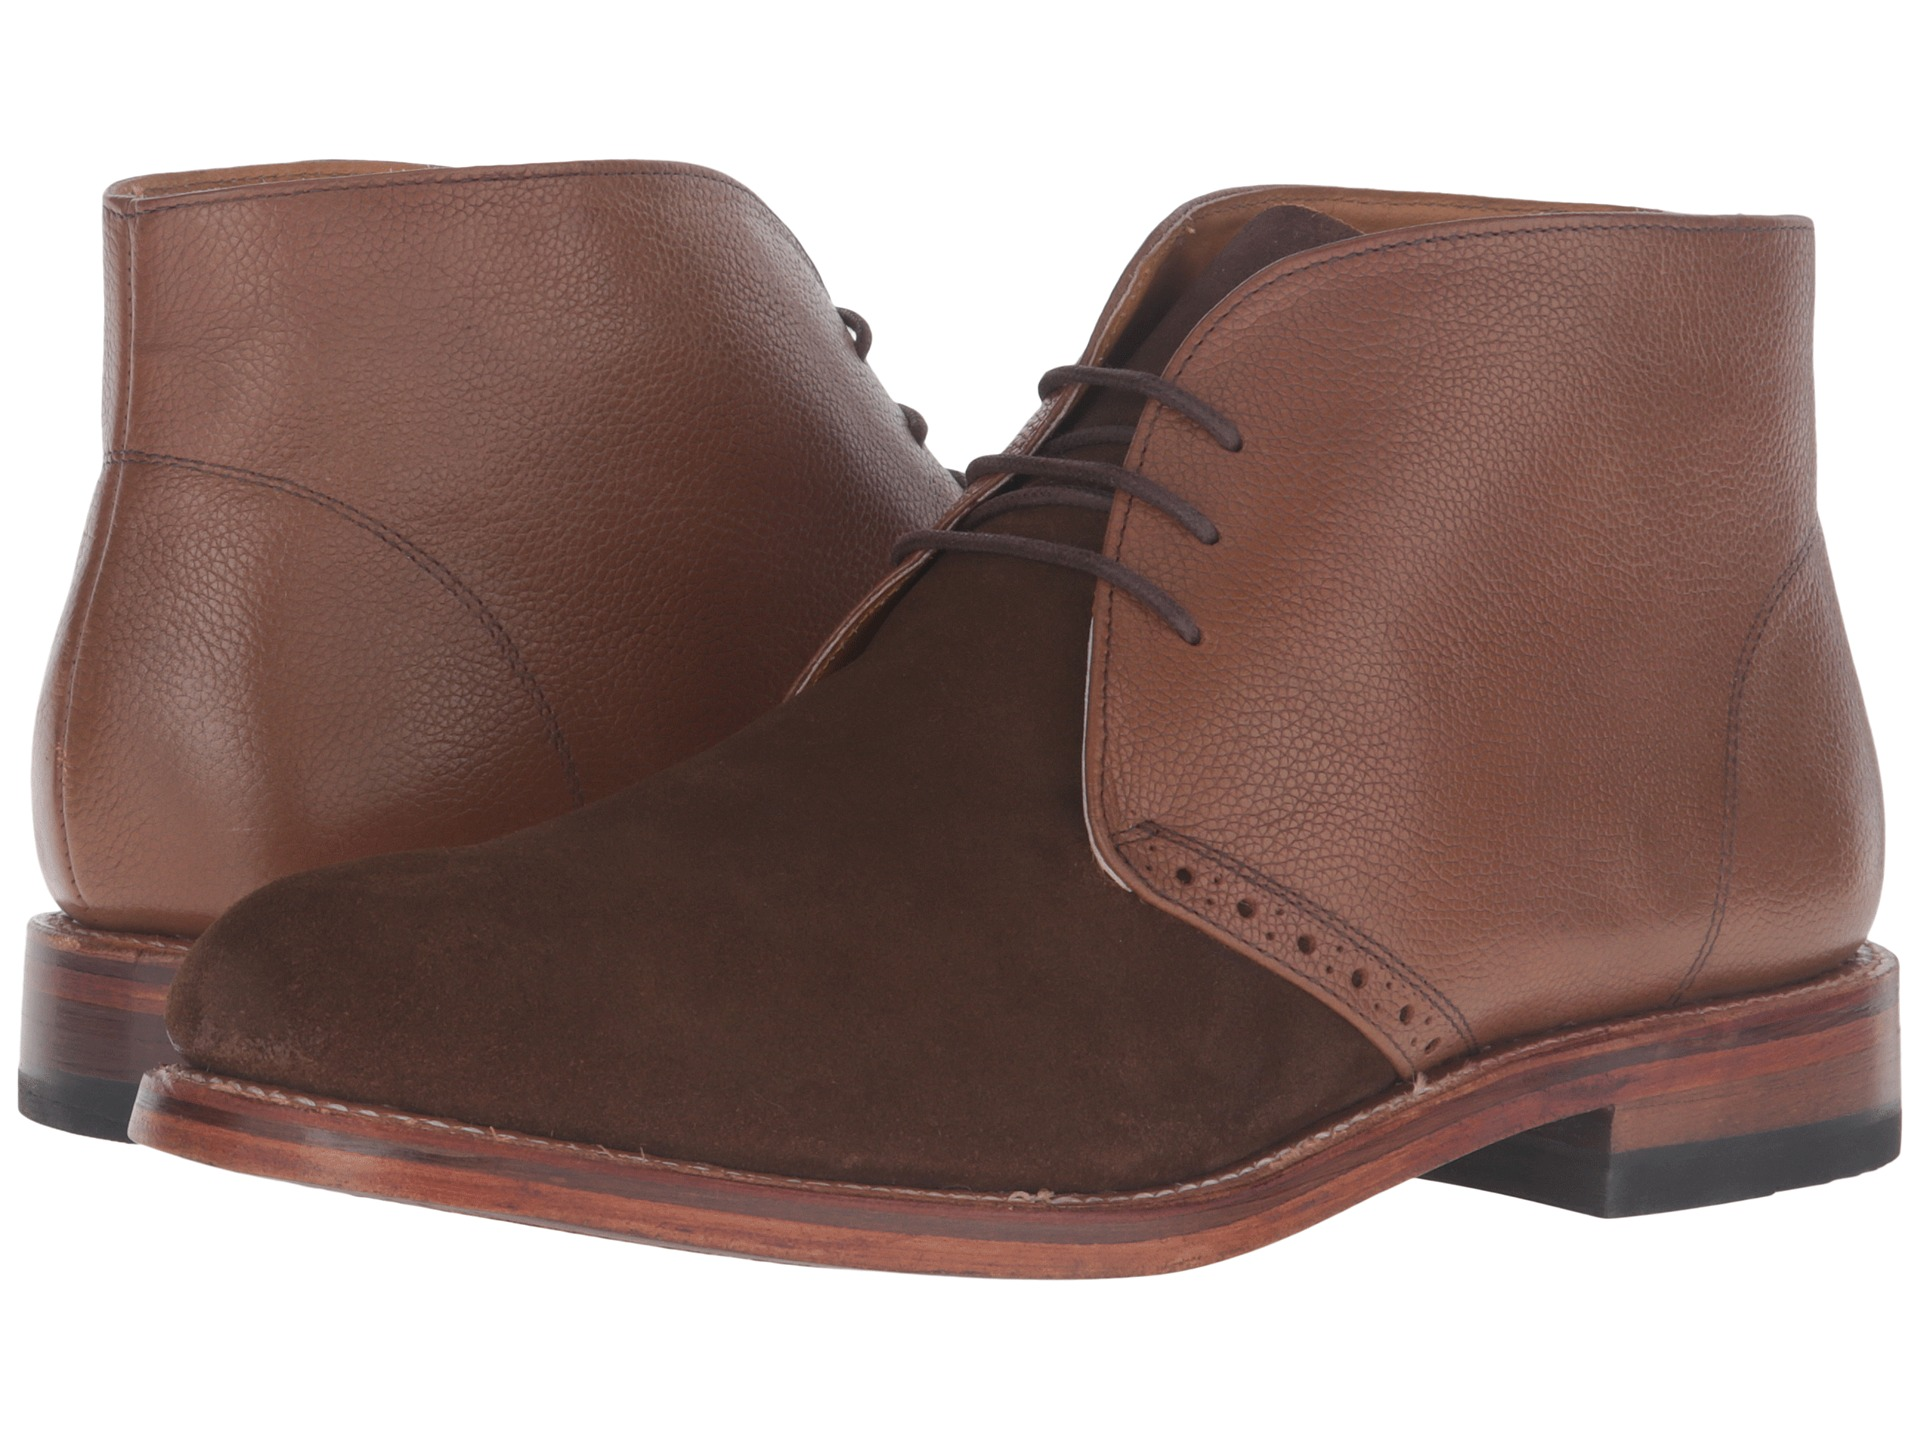 Chukka Boot, Shoes   Shipped Free at Zappos